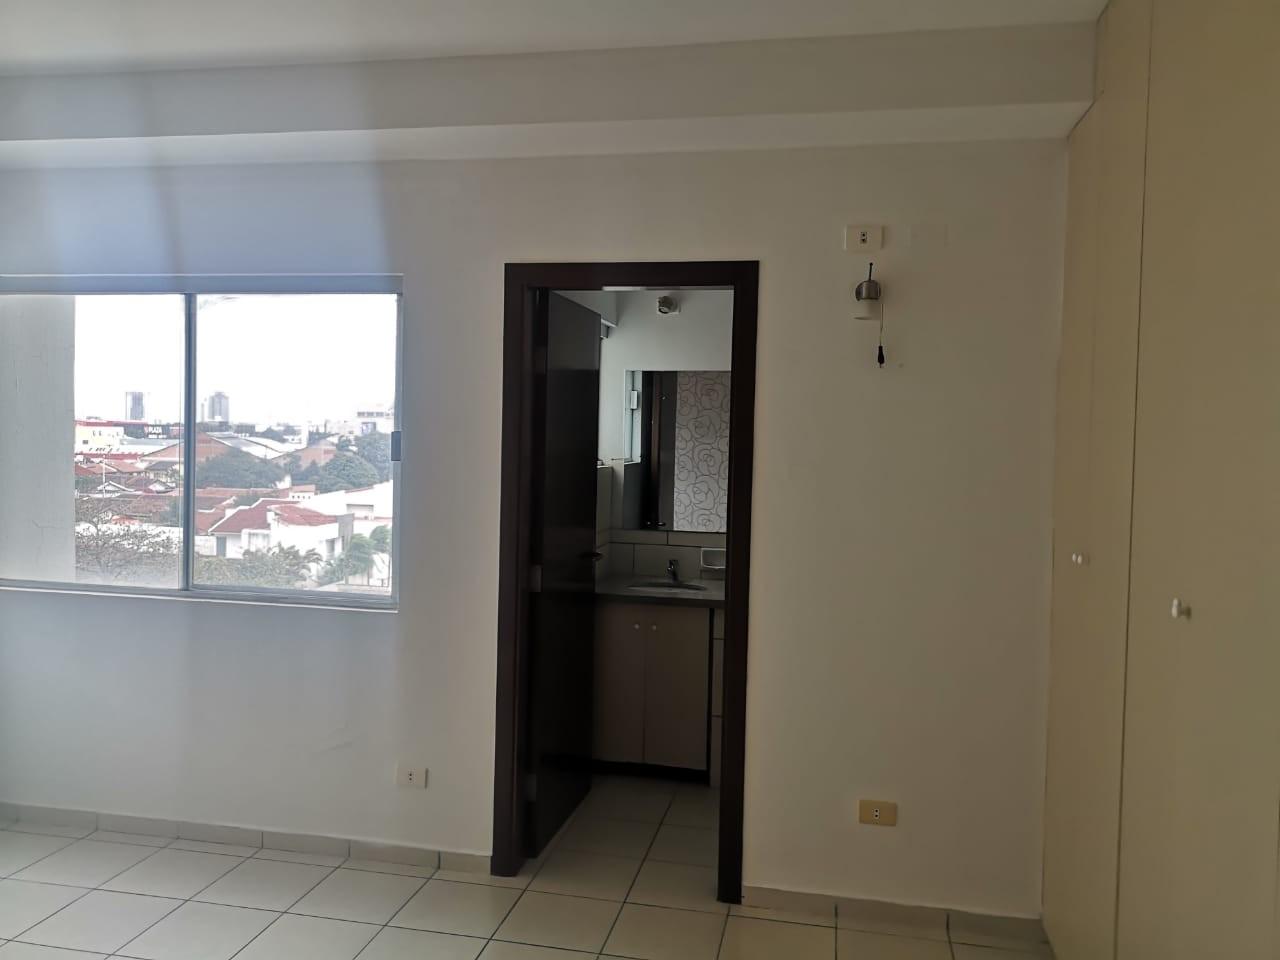 Departamento en Venta PLAN 12 DE HAMACAS, CONDOMINIO SAN GABRIEL Foto 8